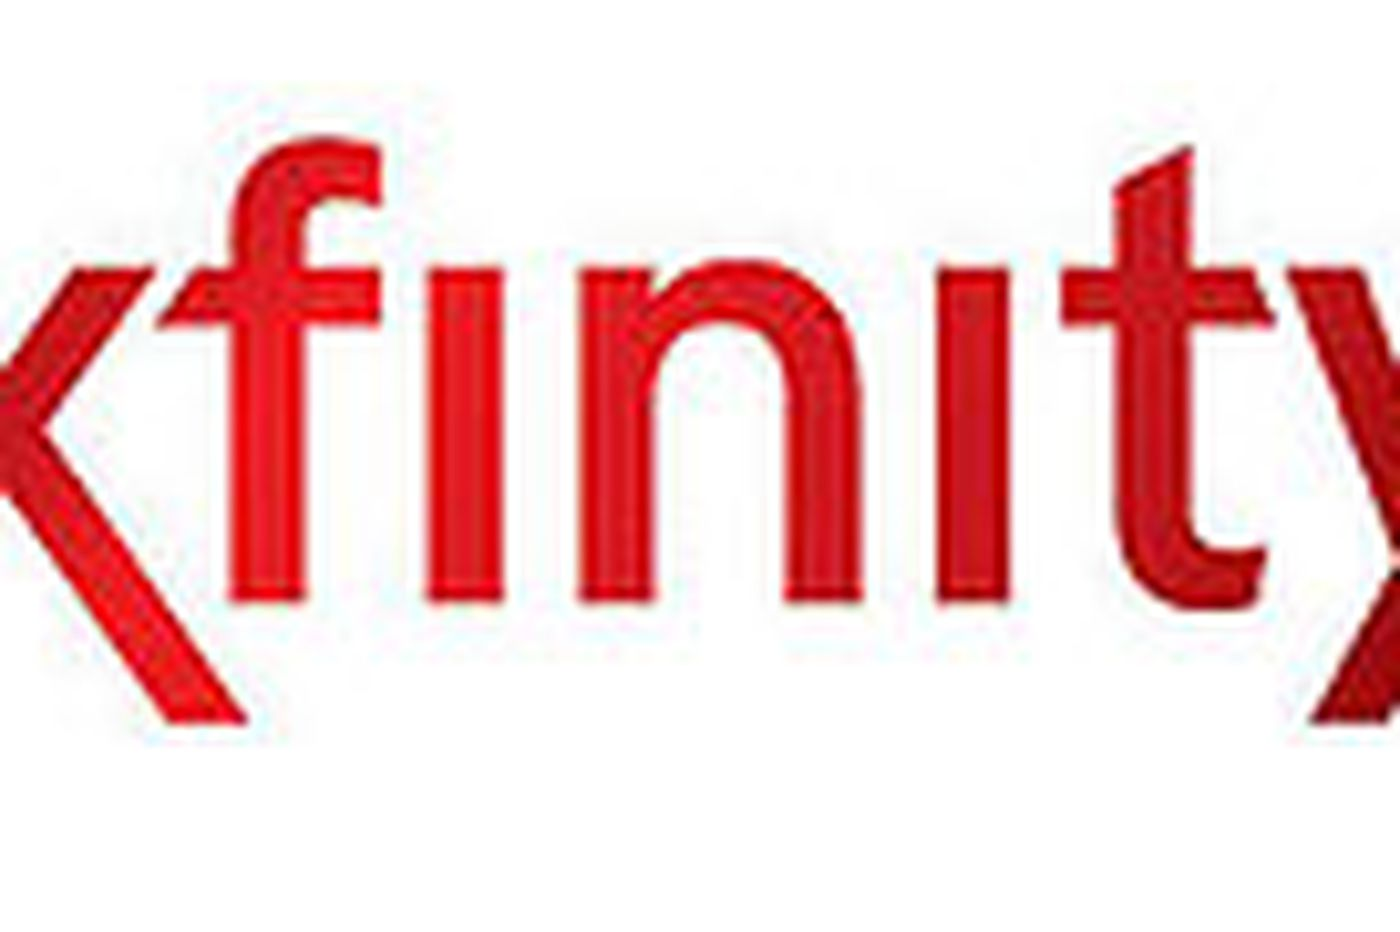 Comcast unveils new brand name and logo